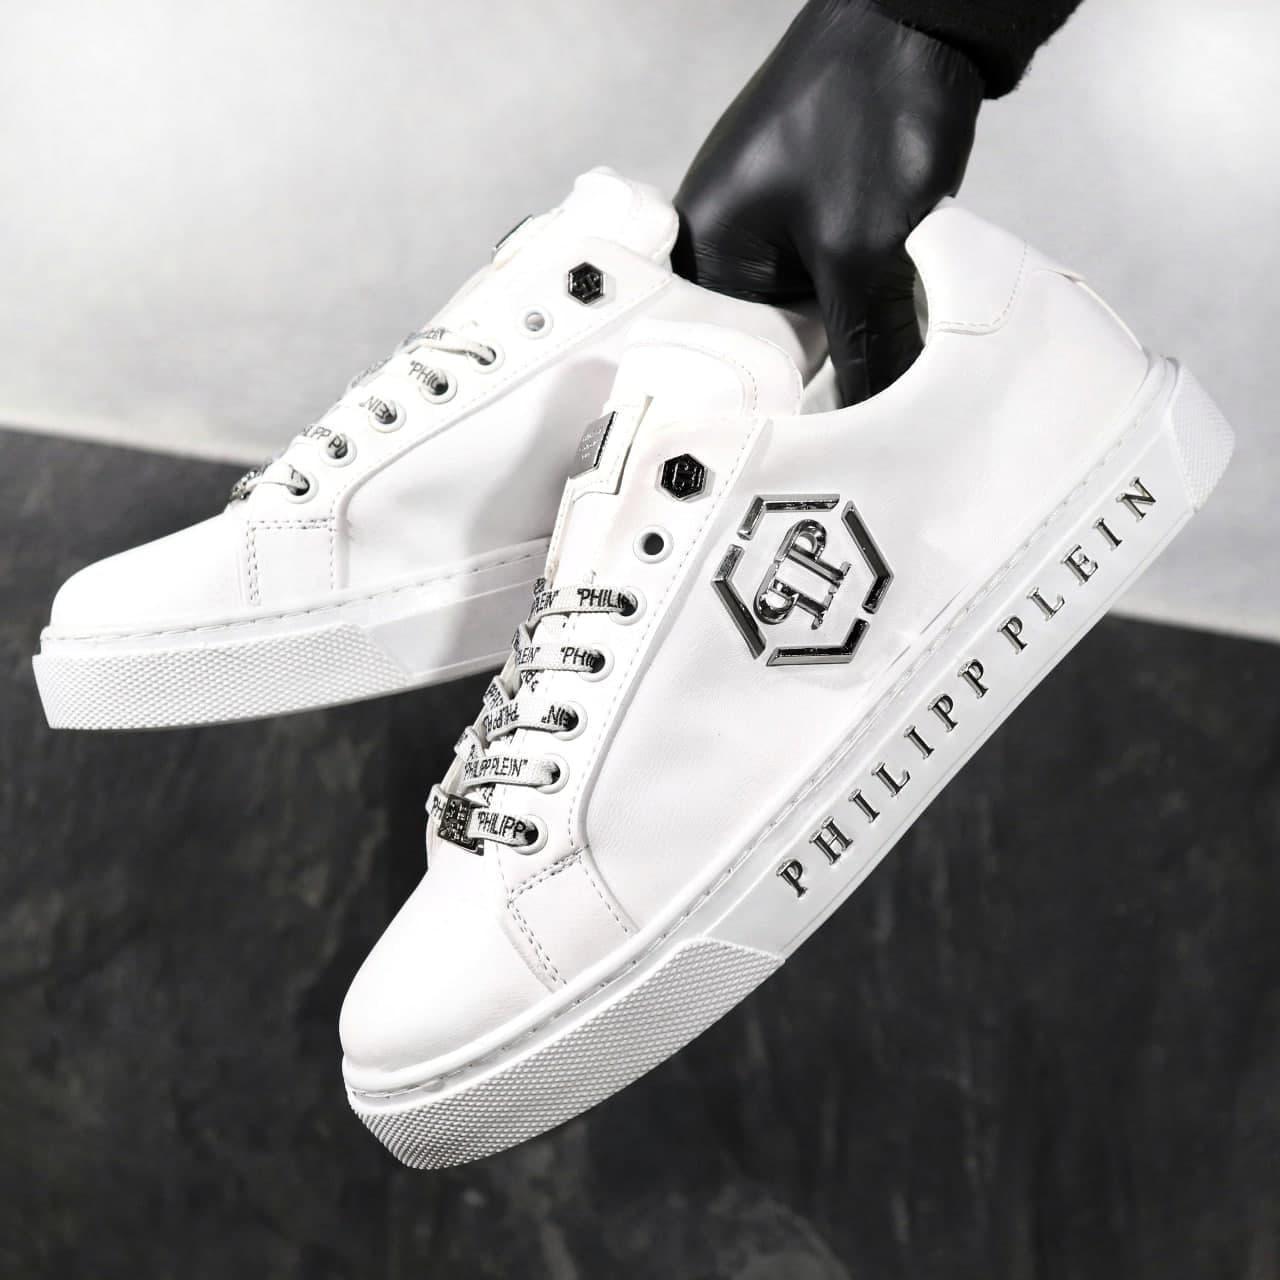 Мужские кроссовки Philipp Plein White (белые) 6294 спортивная демисезонная обувь для парней